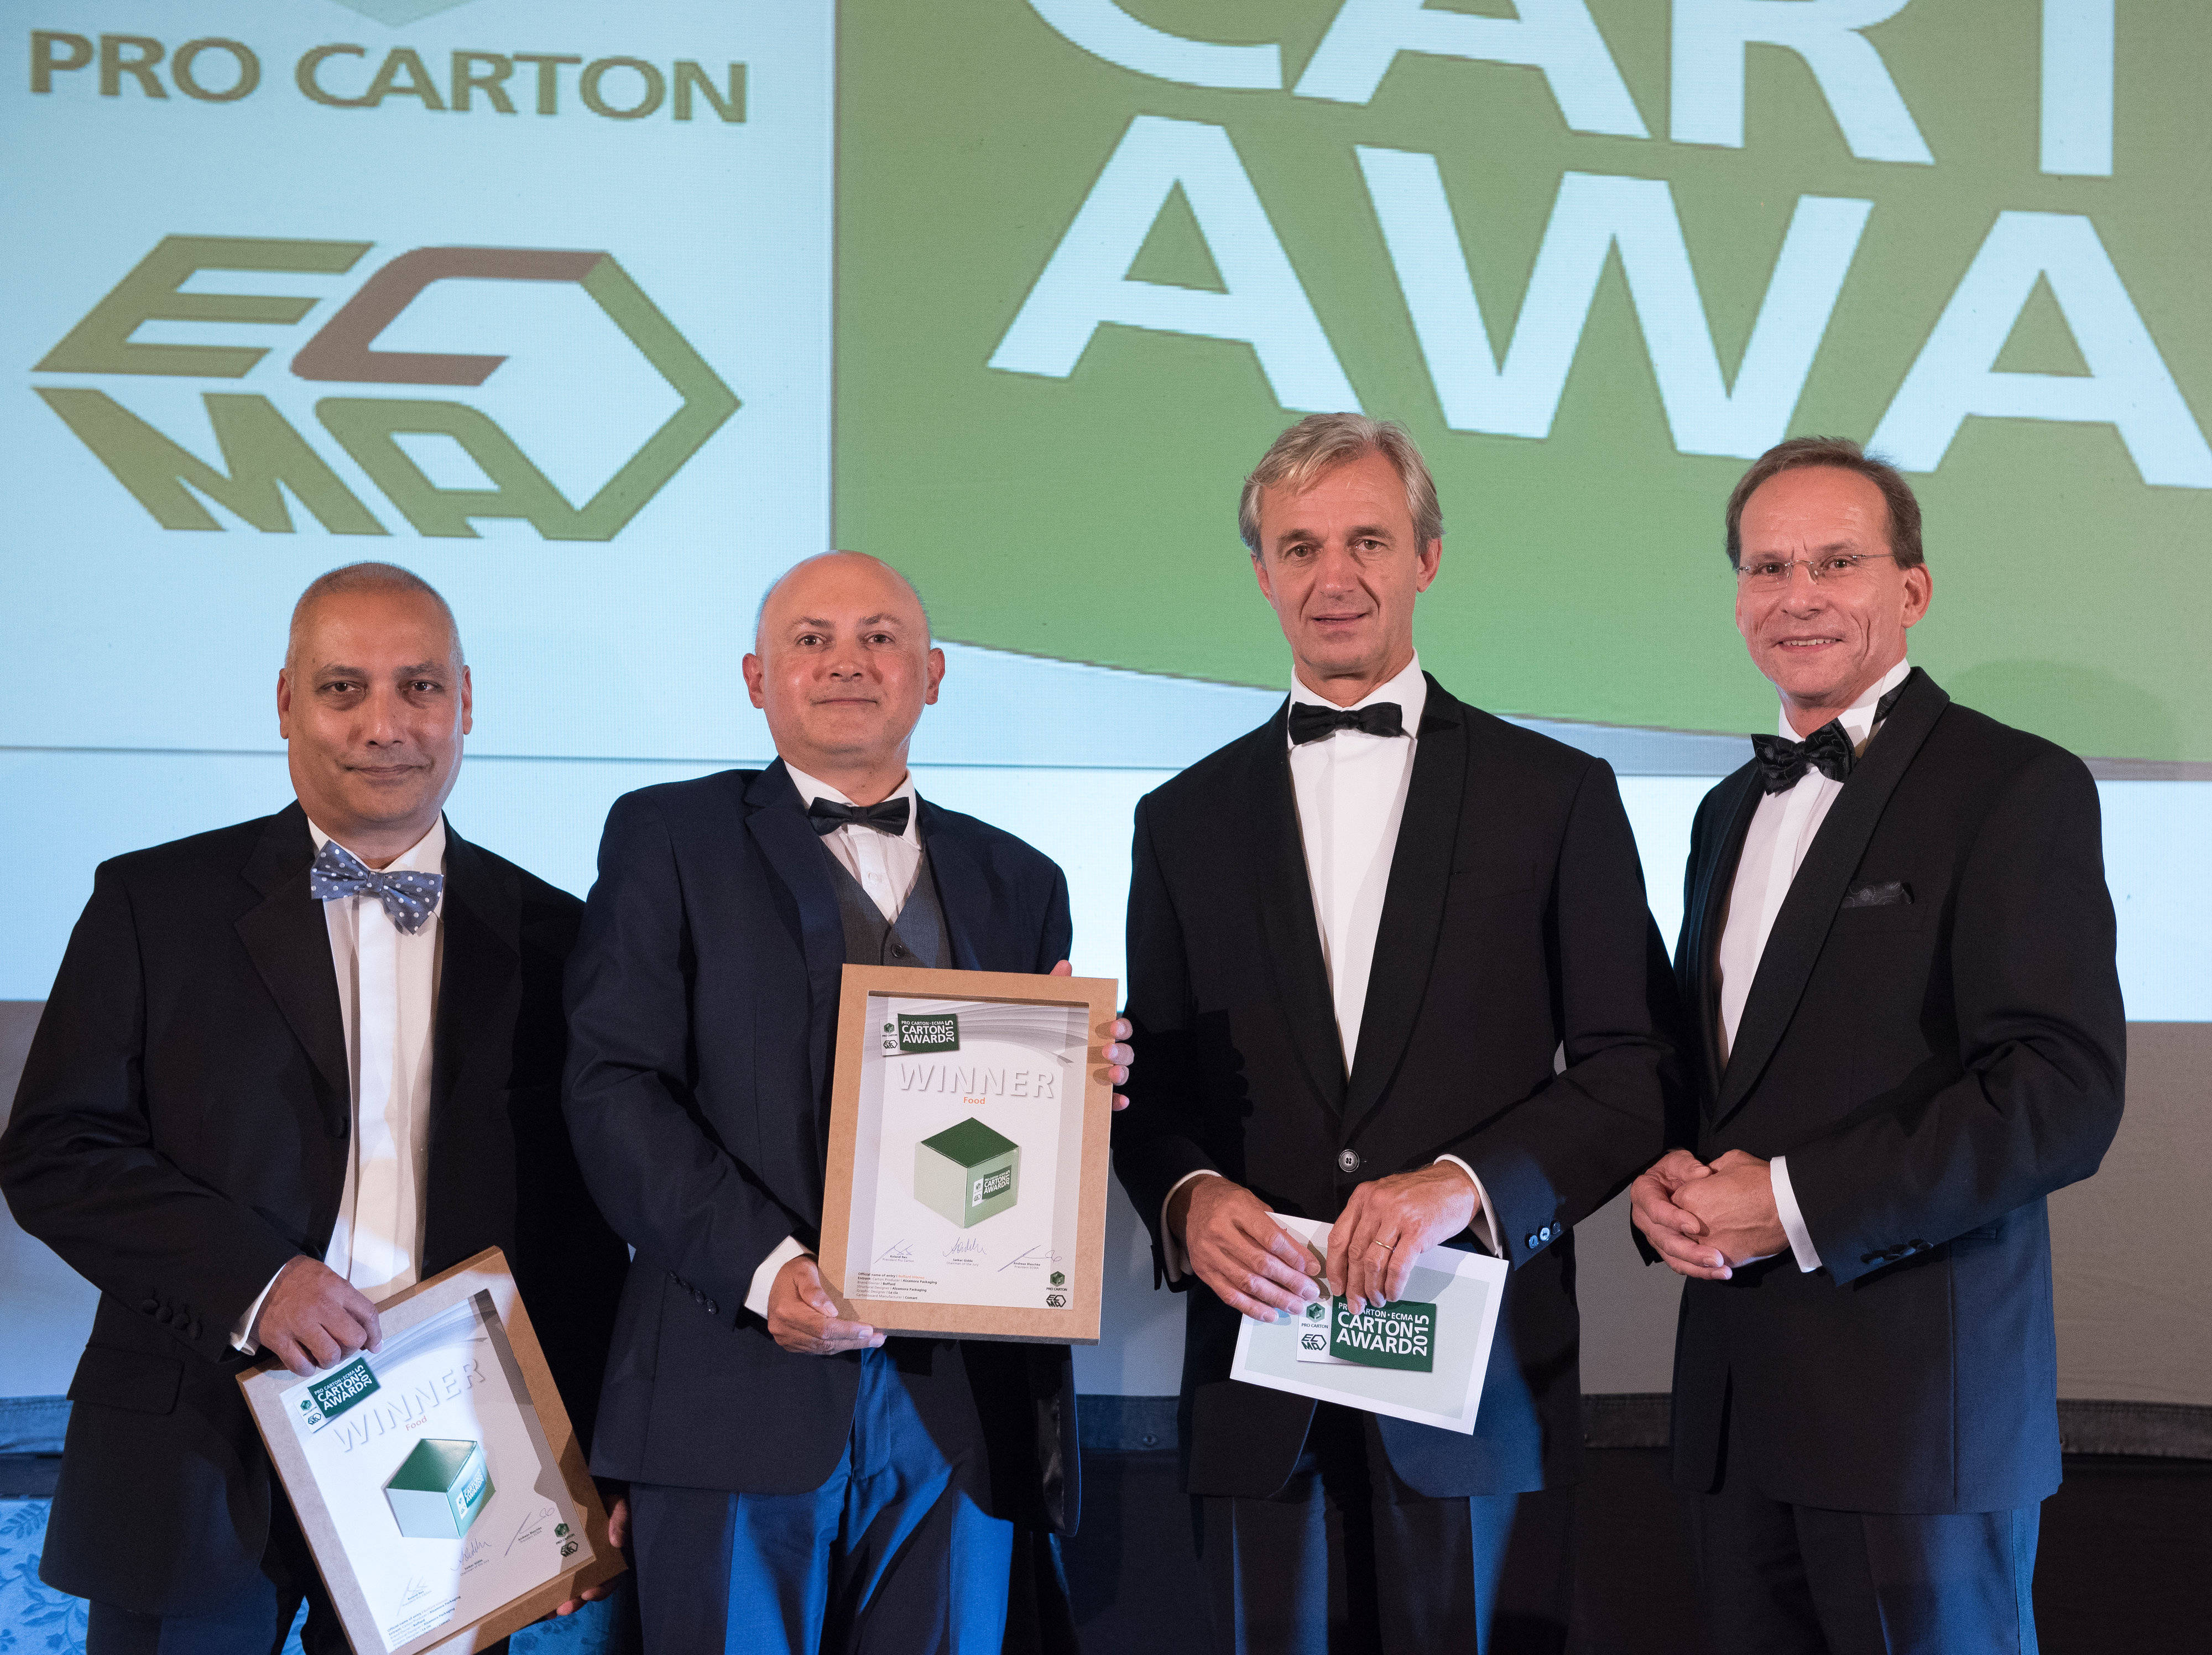 Pro Carton ECMA Award Gala 2015 37